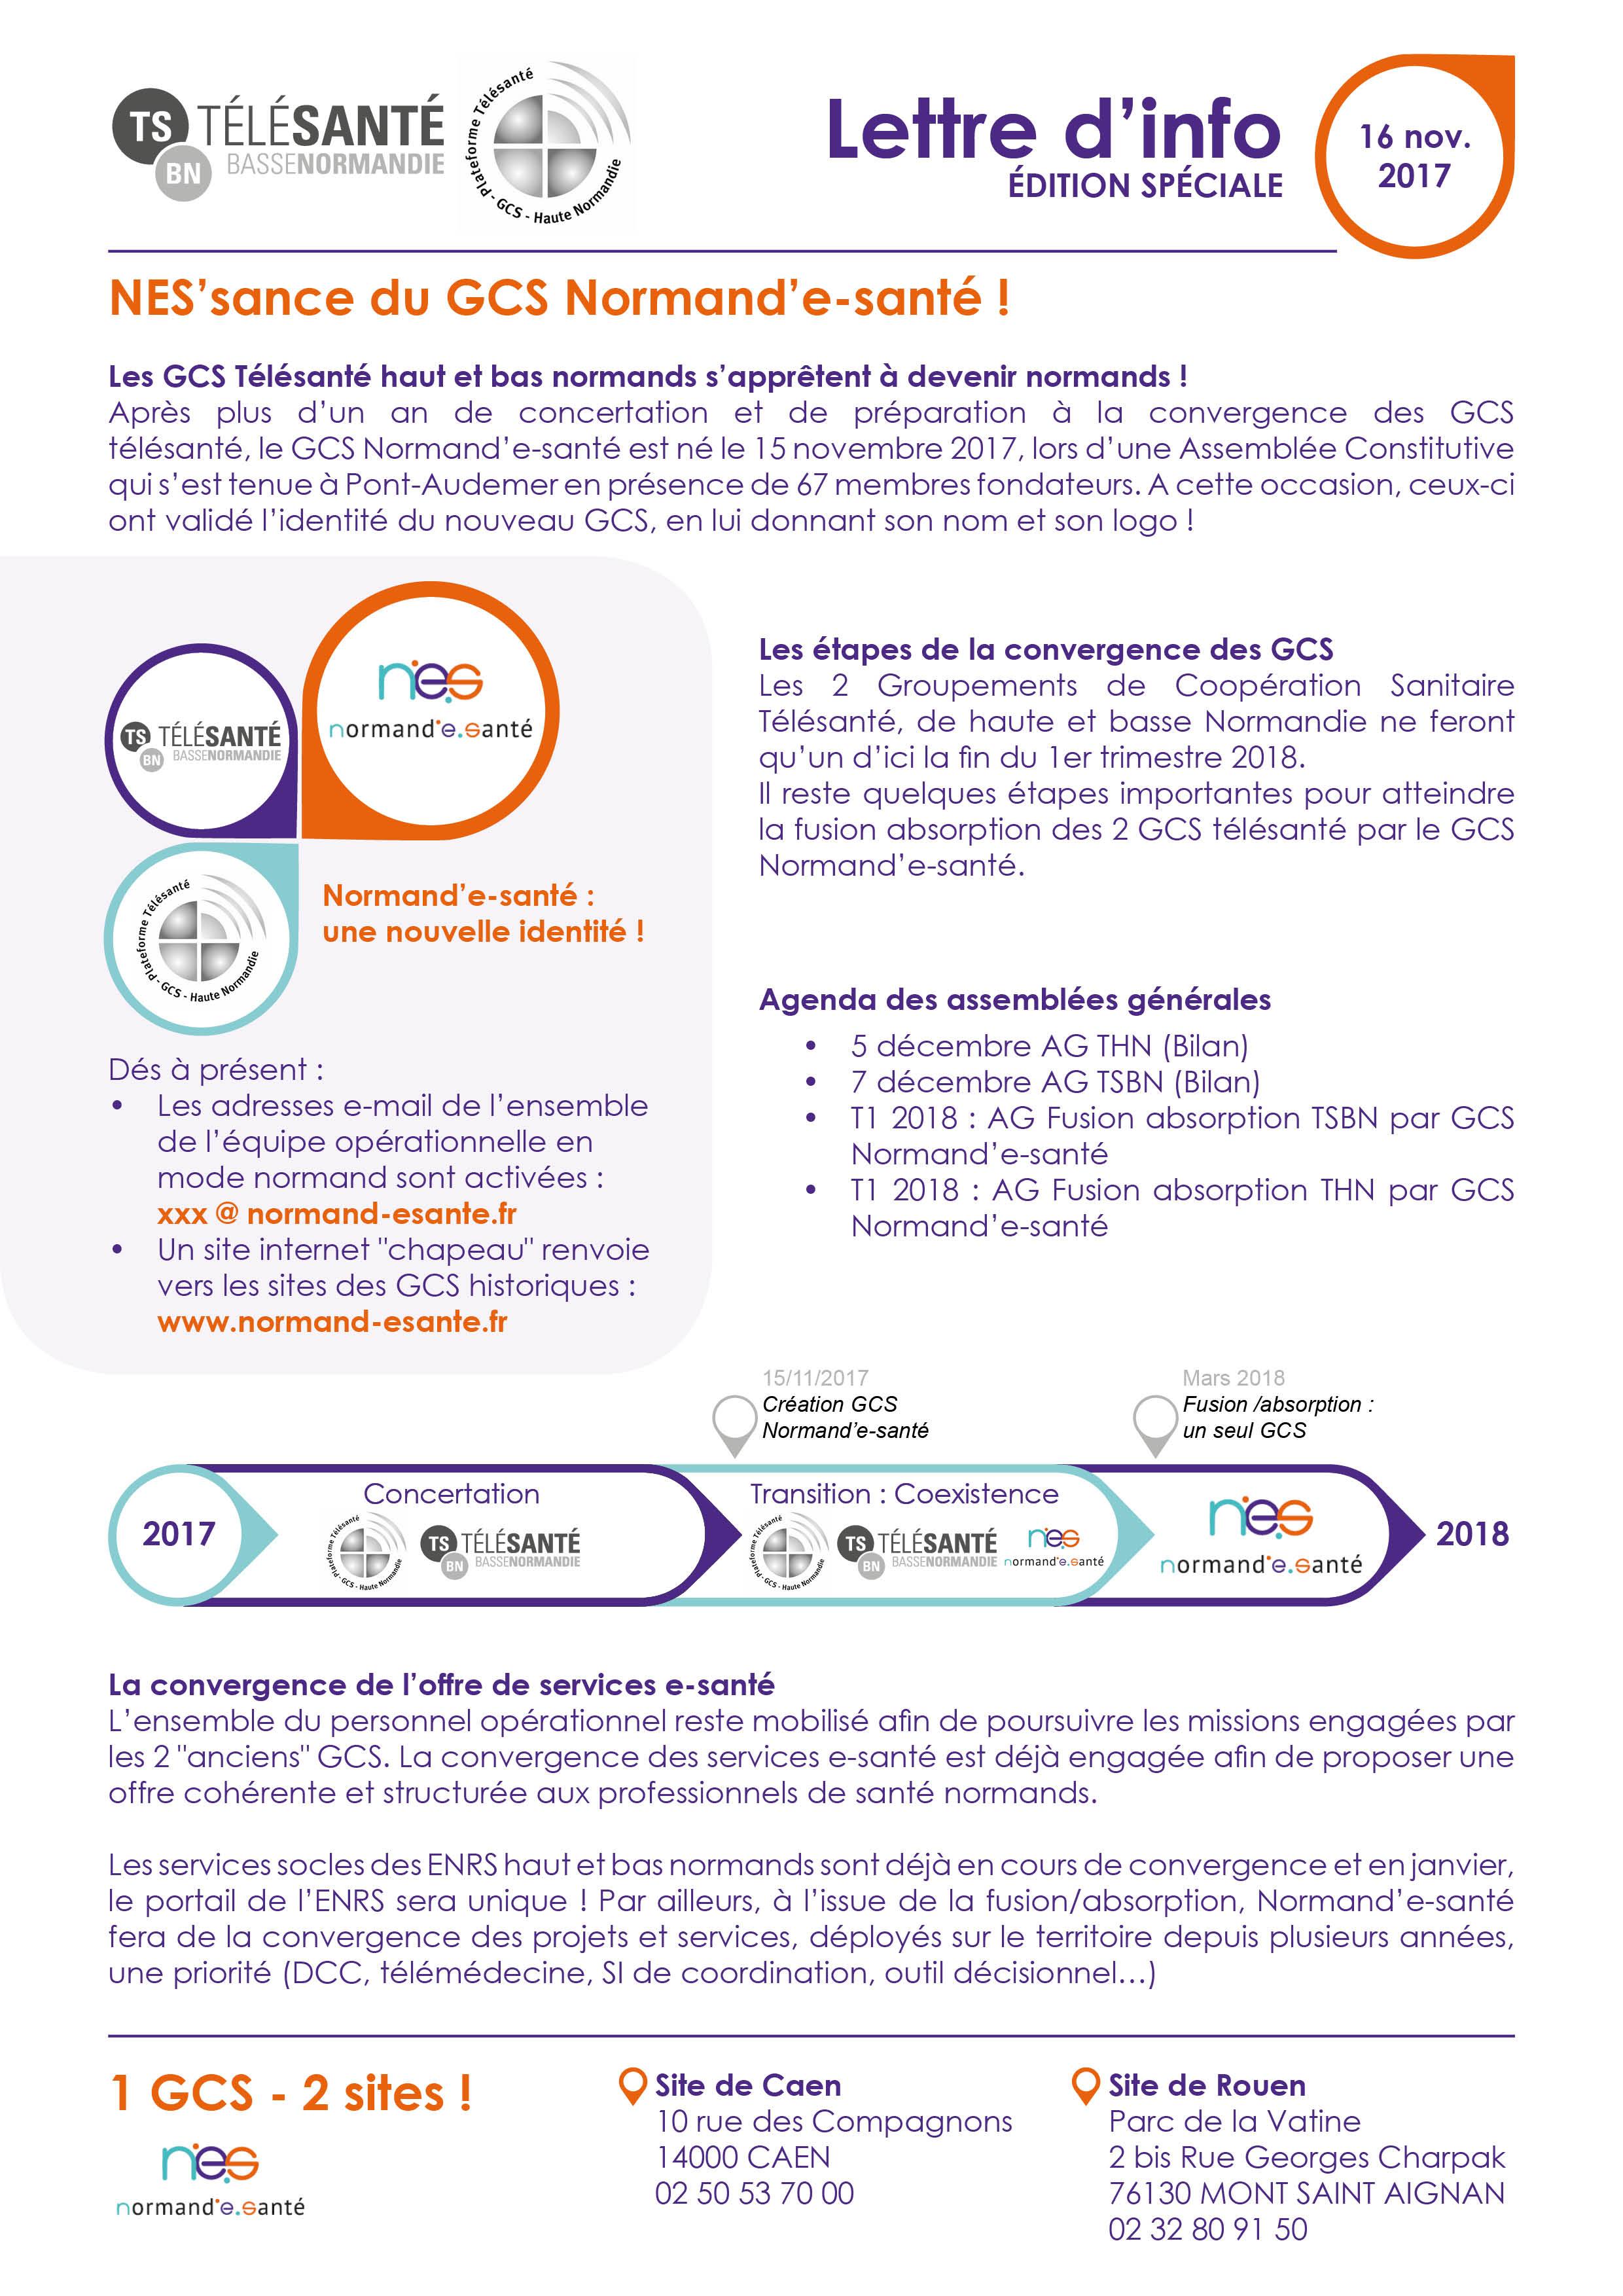 Exceptionnel Normand'e-santé FO27